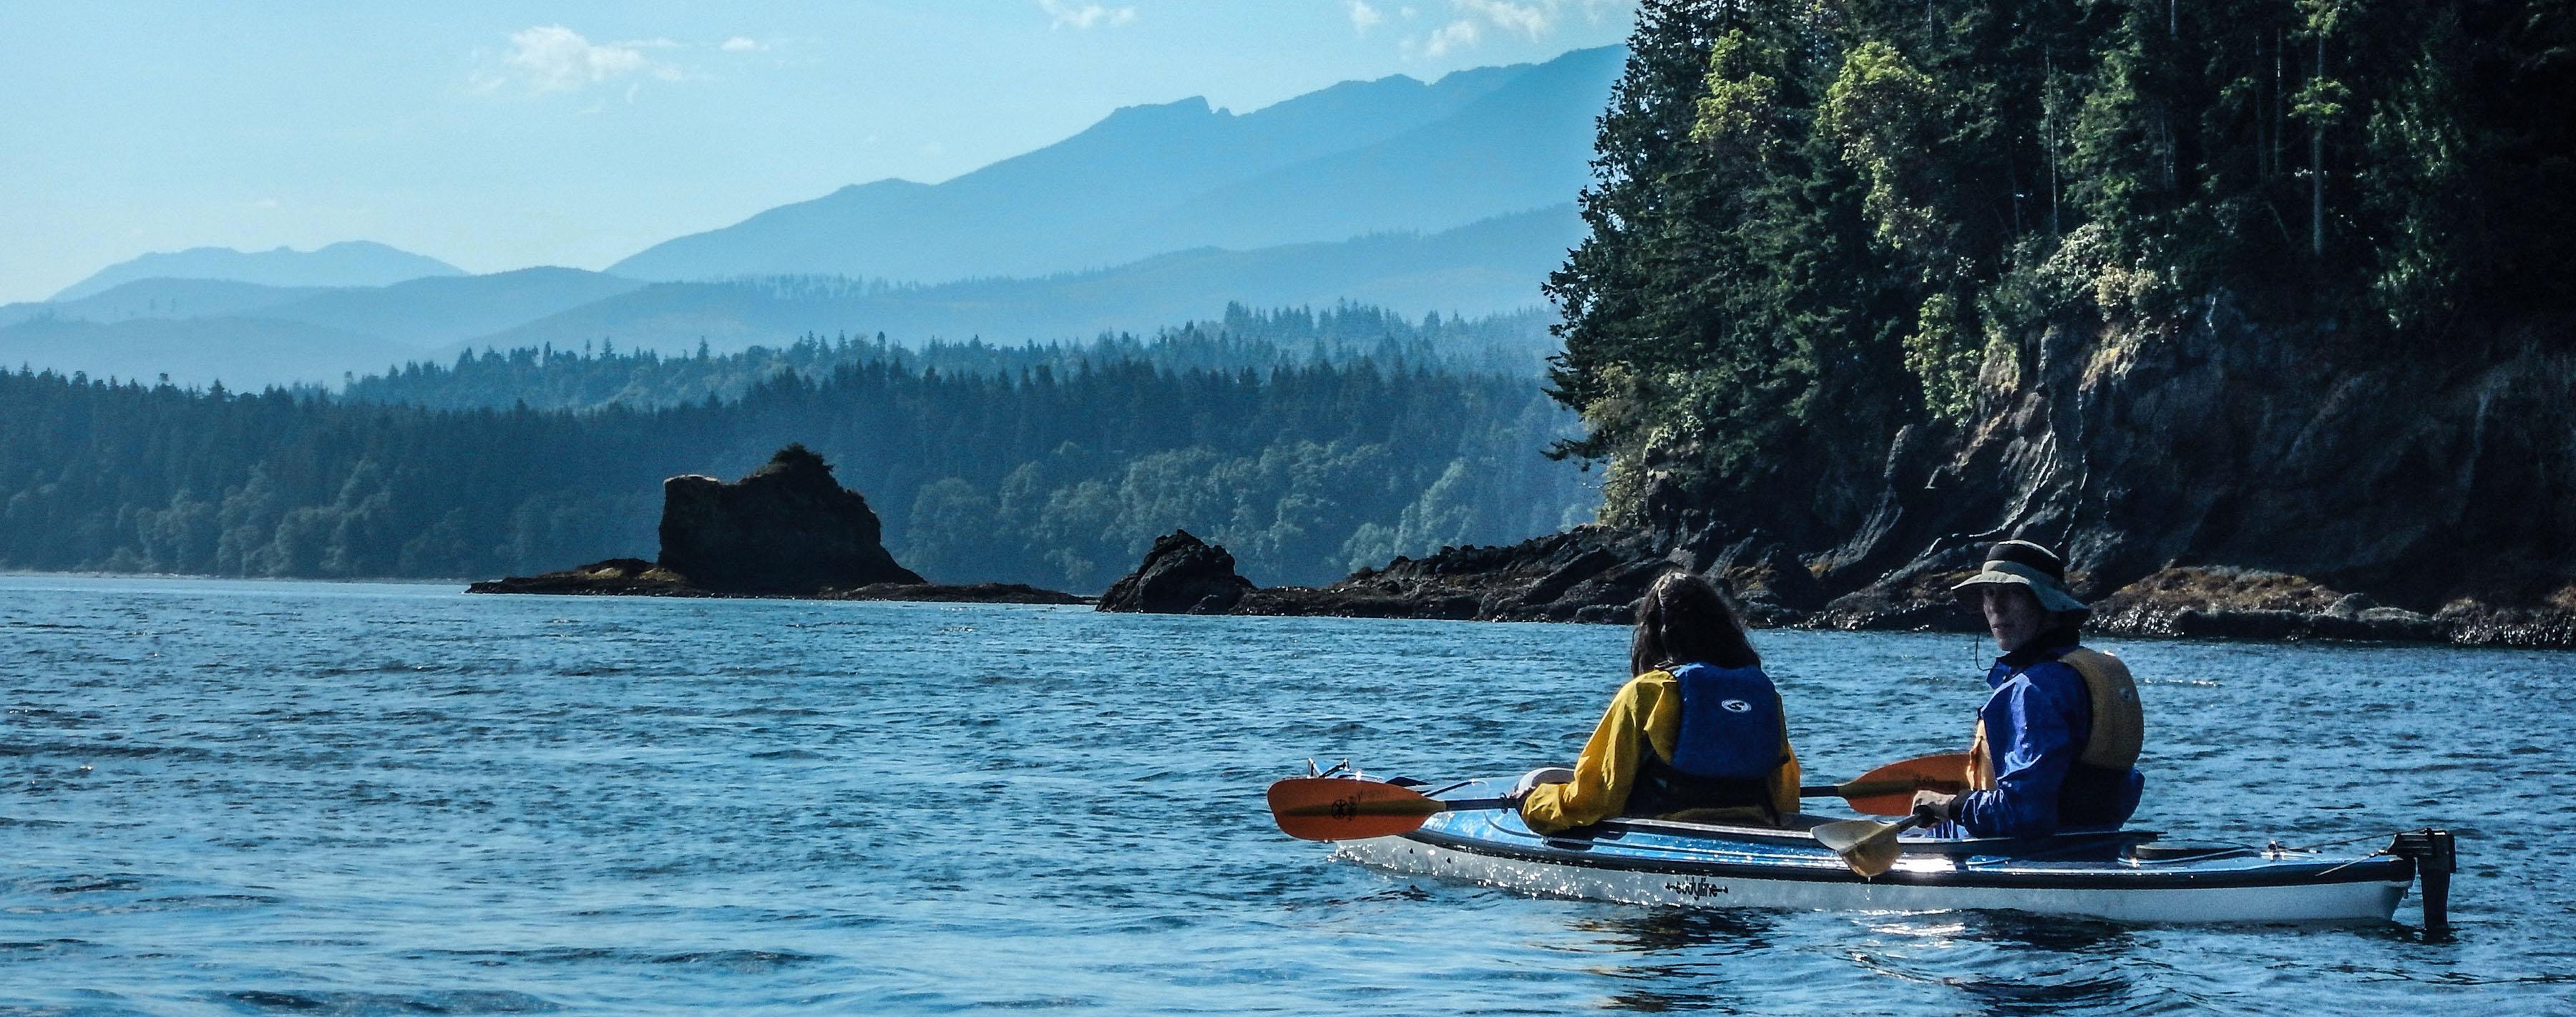 Sea Kayak Tour